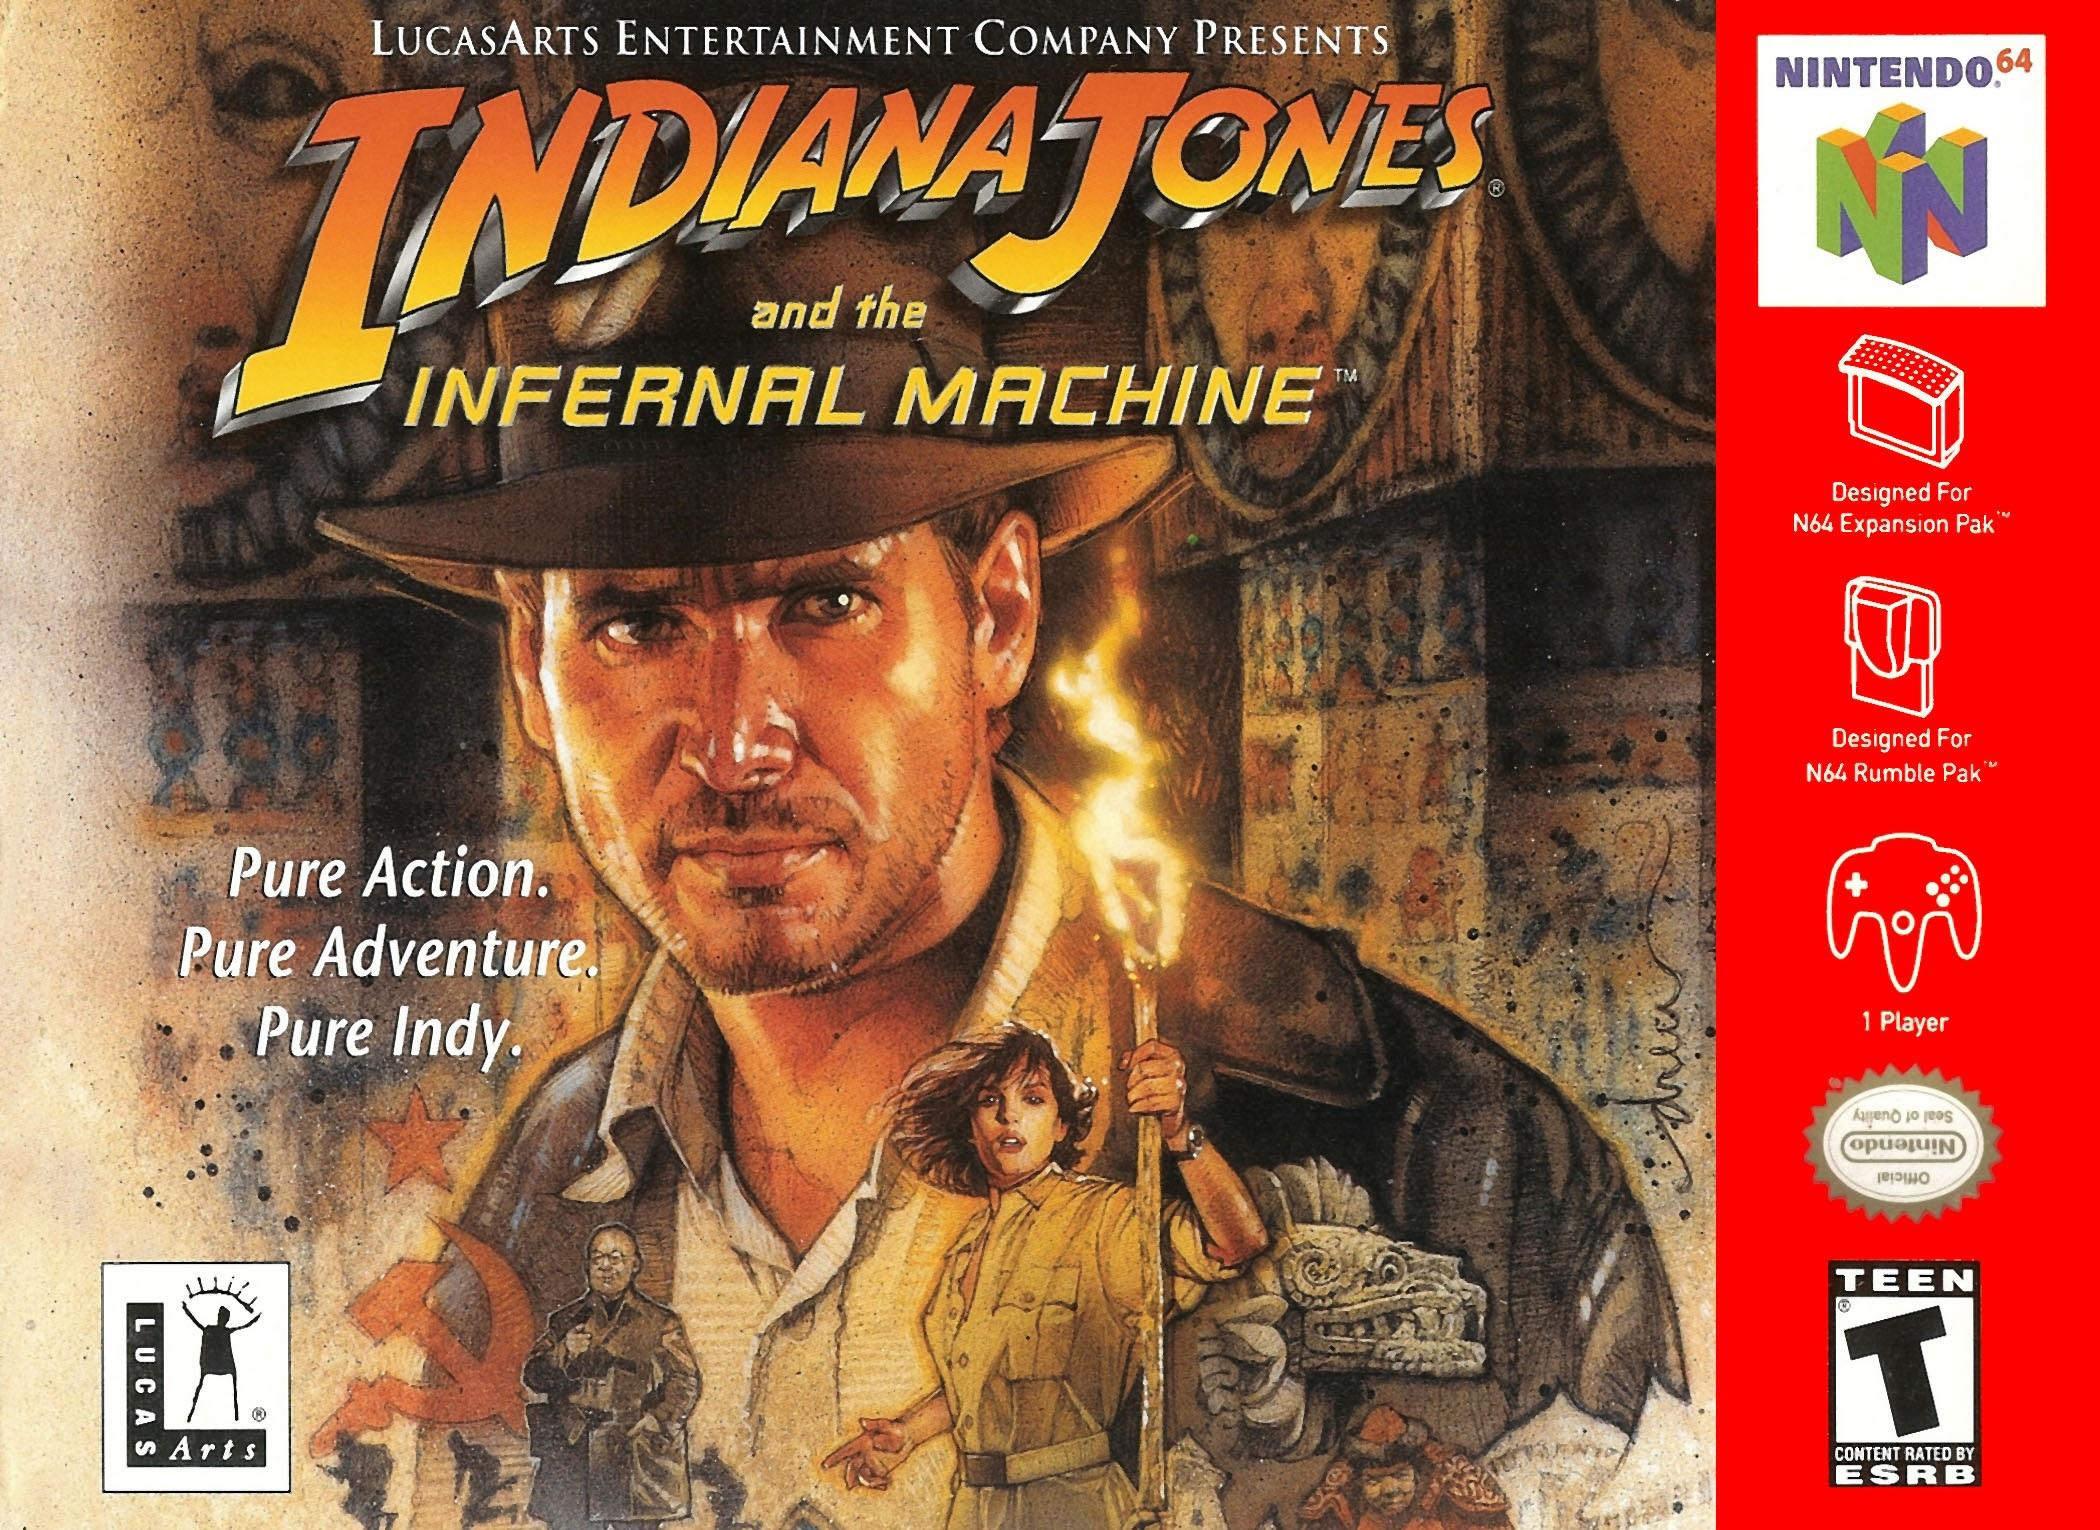 the infernal machine 2006-8-16 地狱火战车的攻击都是远程的范围攻击,而且不知为什么,也许有人设置好了,它们自动施放一些破坏性的魔法.